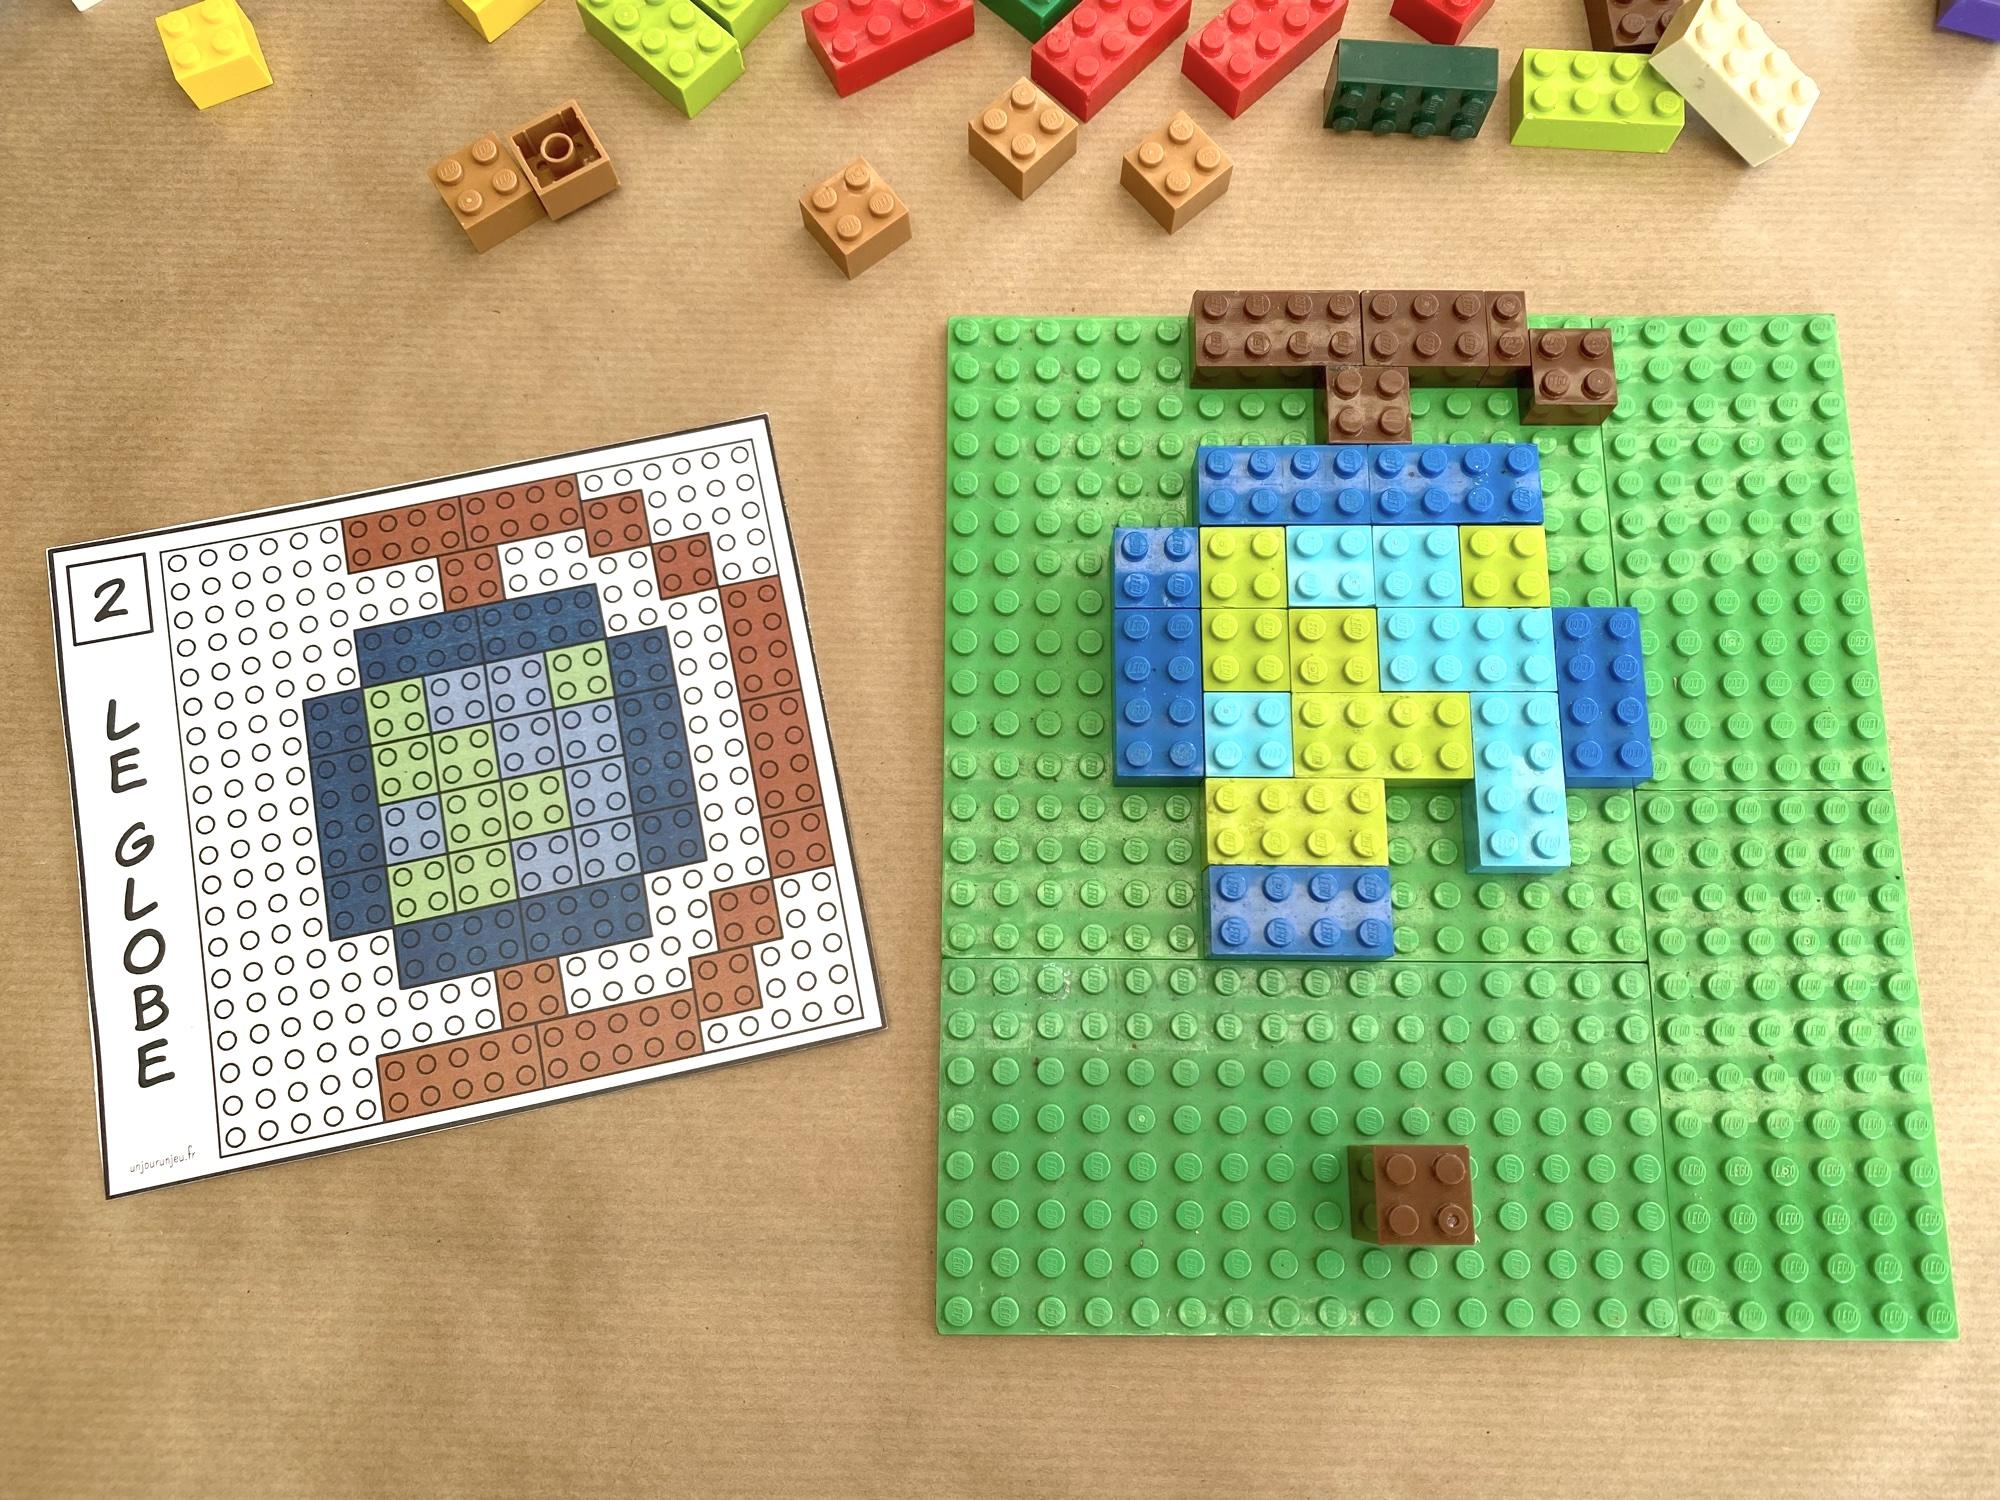 Modèles LEGO à reproduire - étape 3